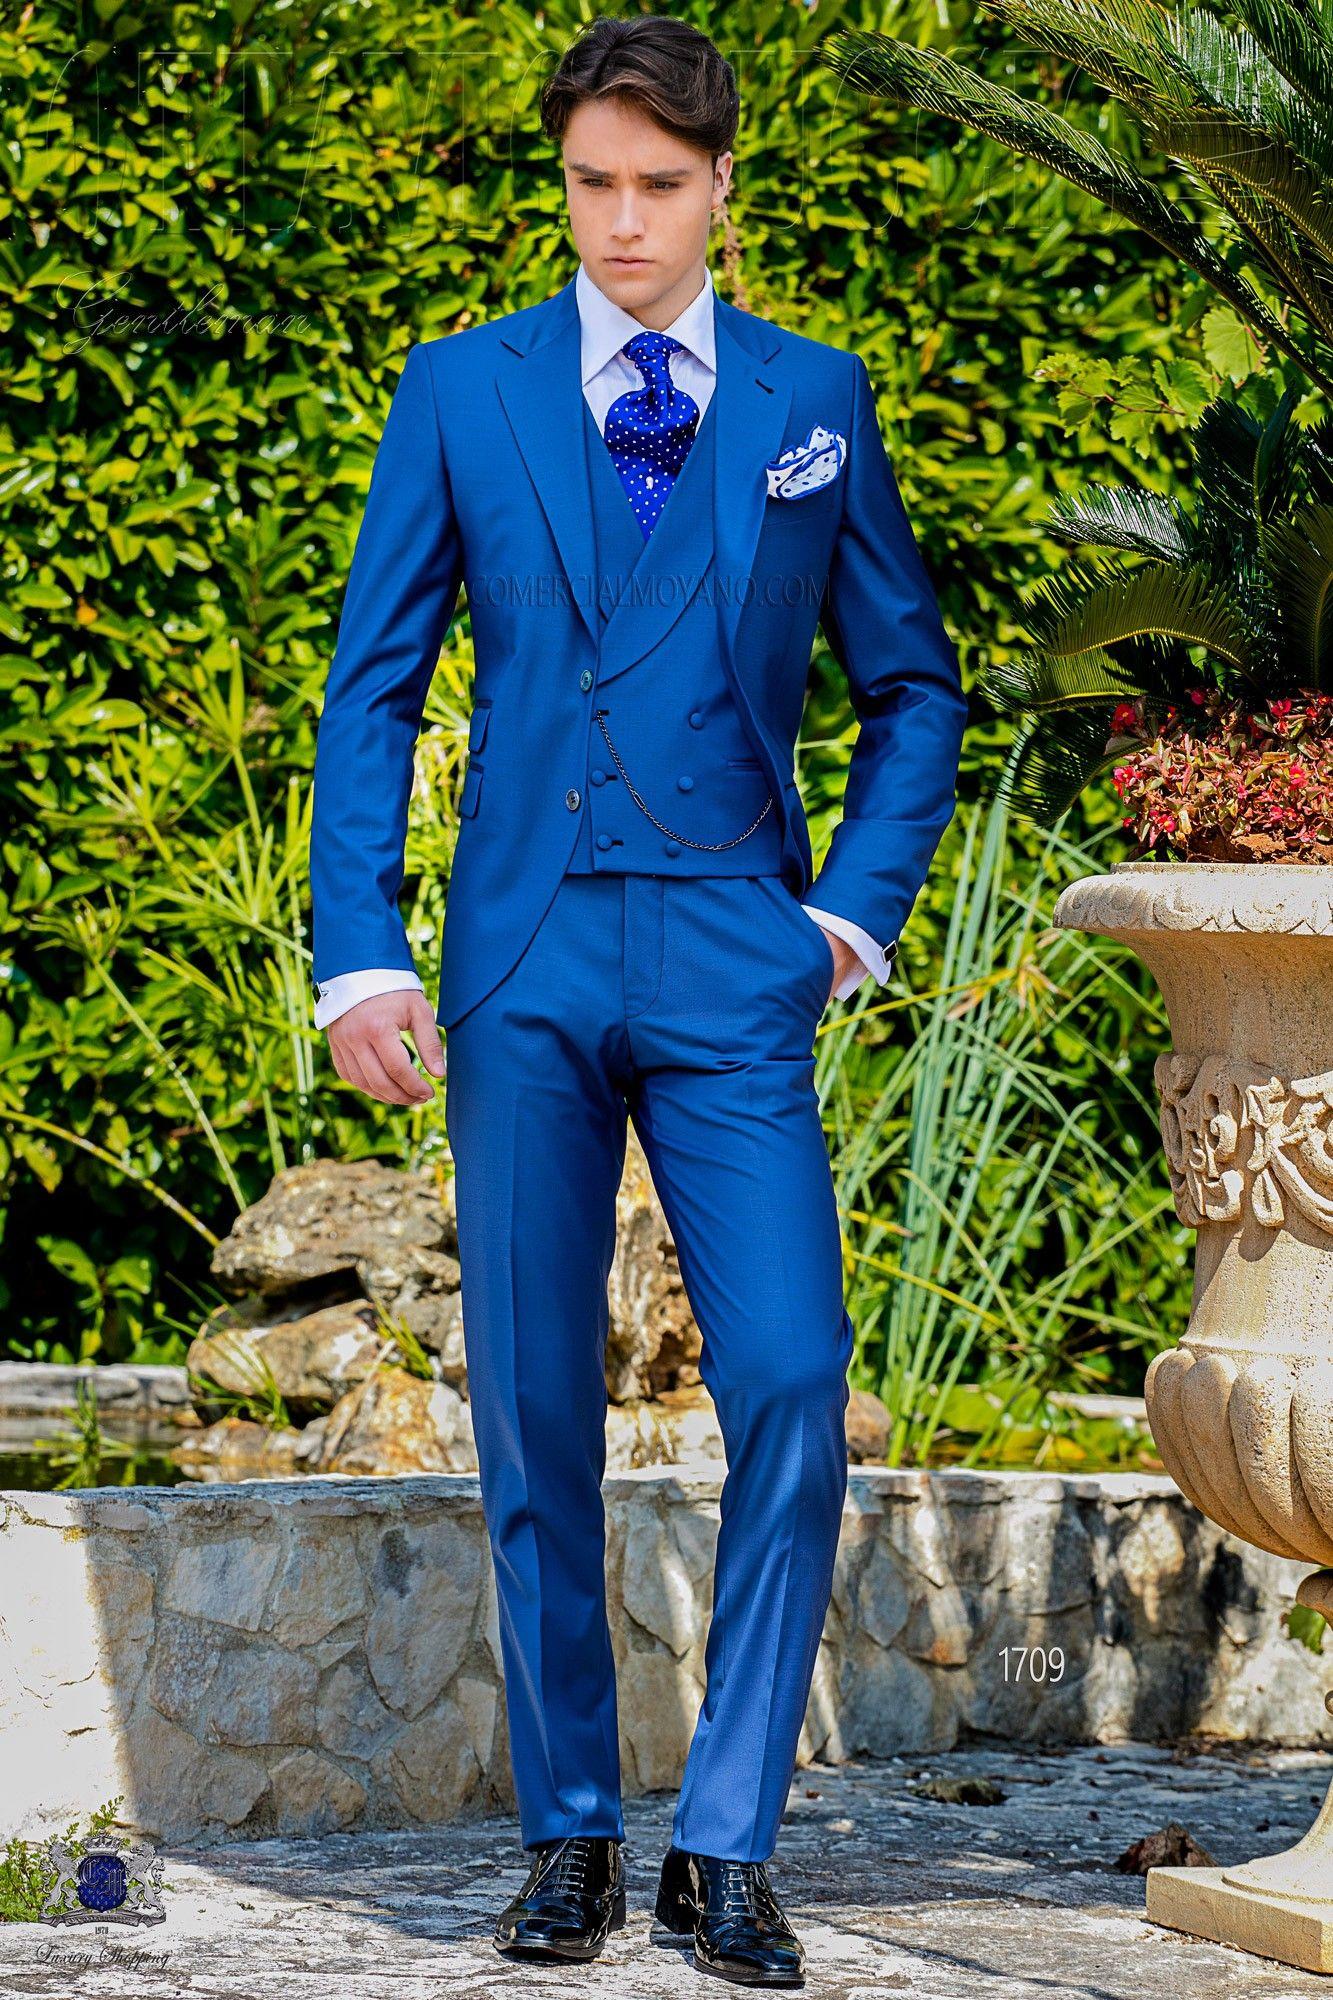 italienisch royal blaue anzug mit abfallendes revers 2 perlmutt kn pfe ticket pocket und. Black Bedroom Furniture Sets. Home Design Ideas